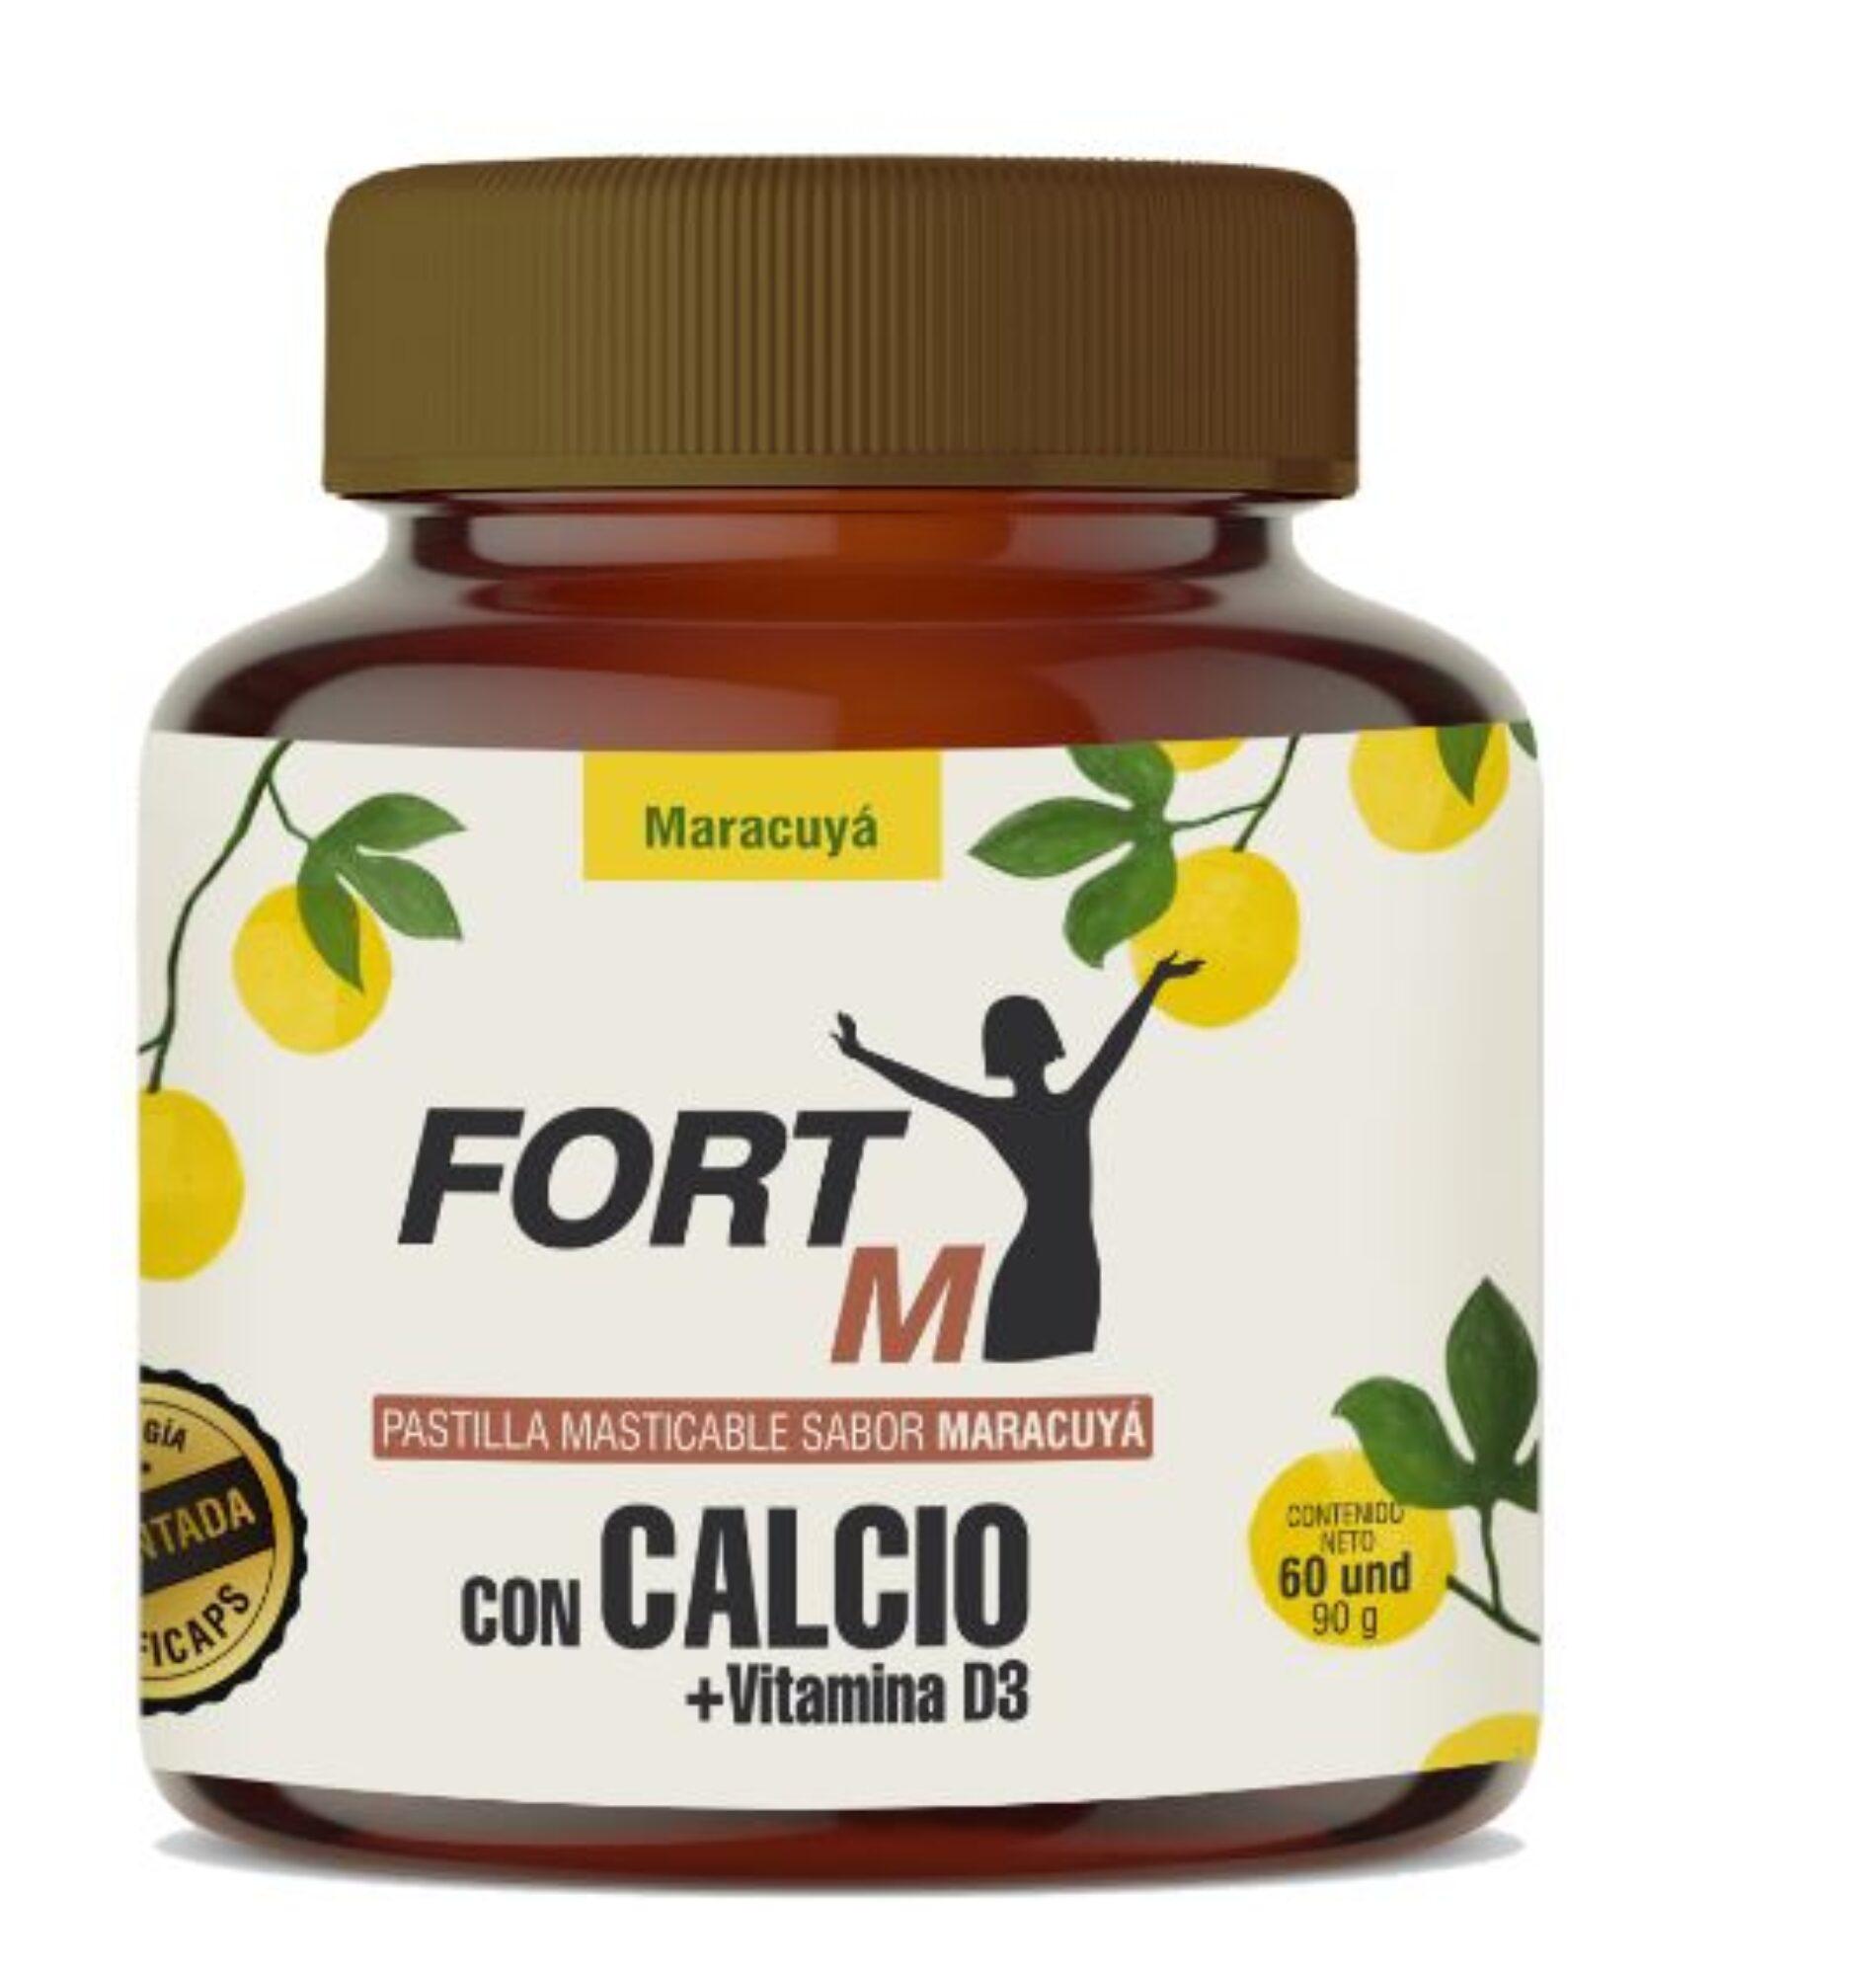 Estudio clínico comprueba la tolerabilidad de la microencapsulación de calcio